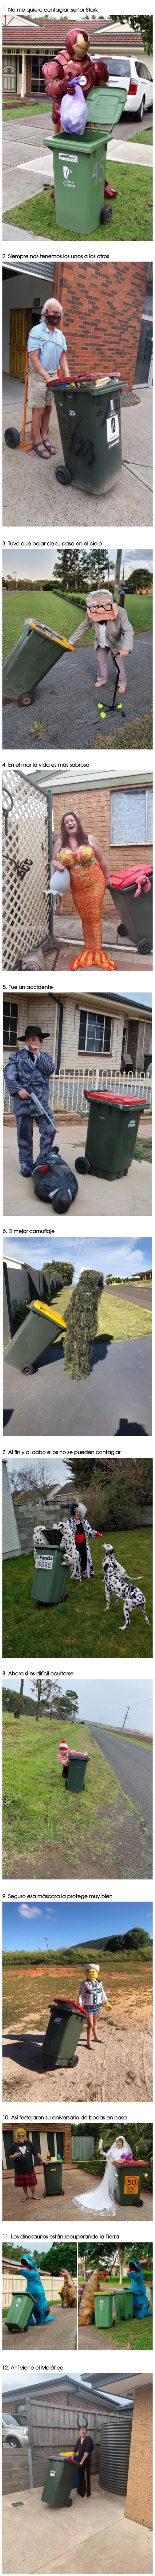 10692 - La gente en Australia se disfraza para sacar la basura y hacen la cuarentena divertida